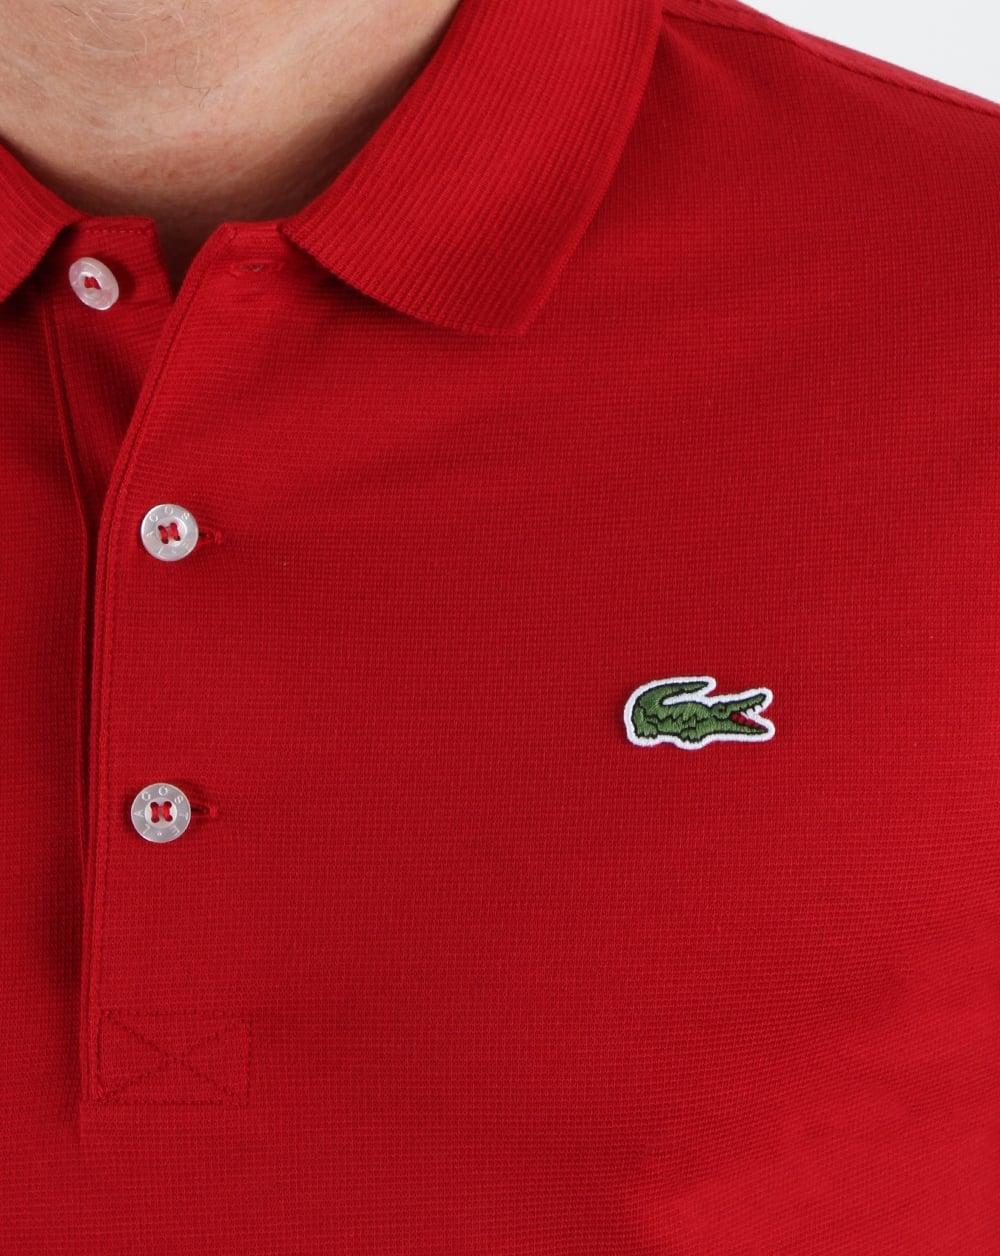 Lacoste Ultra Lightweight Knit Polo Shirt Ladybirdredmencottontop